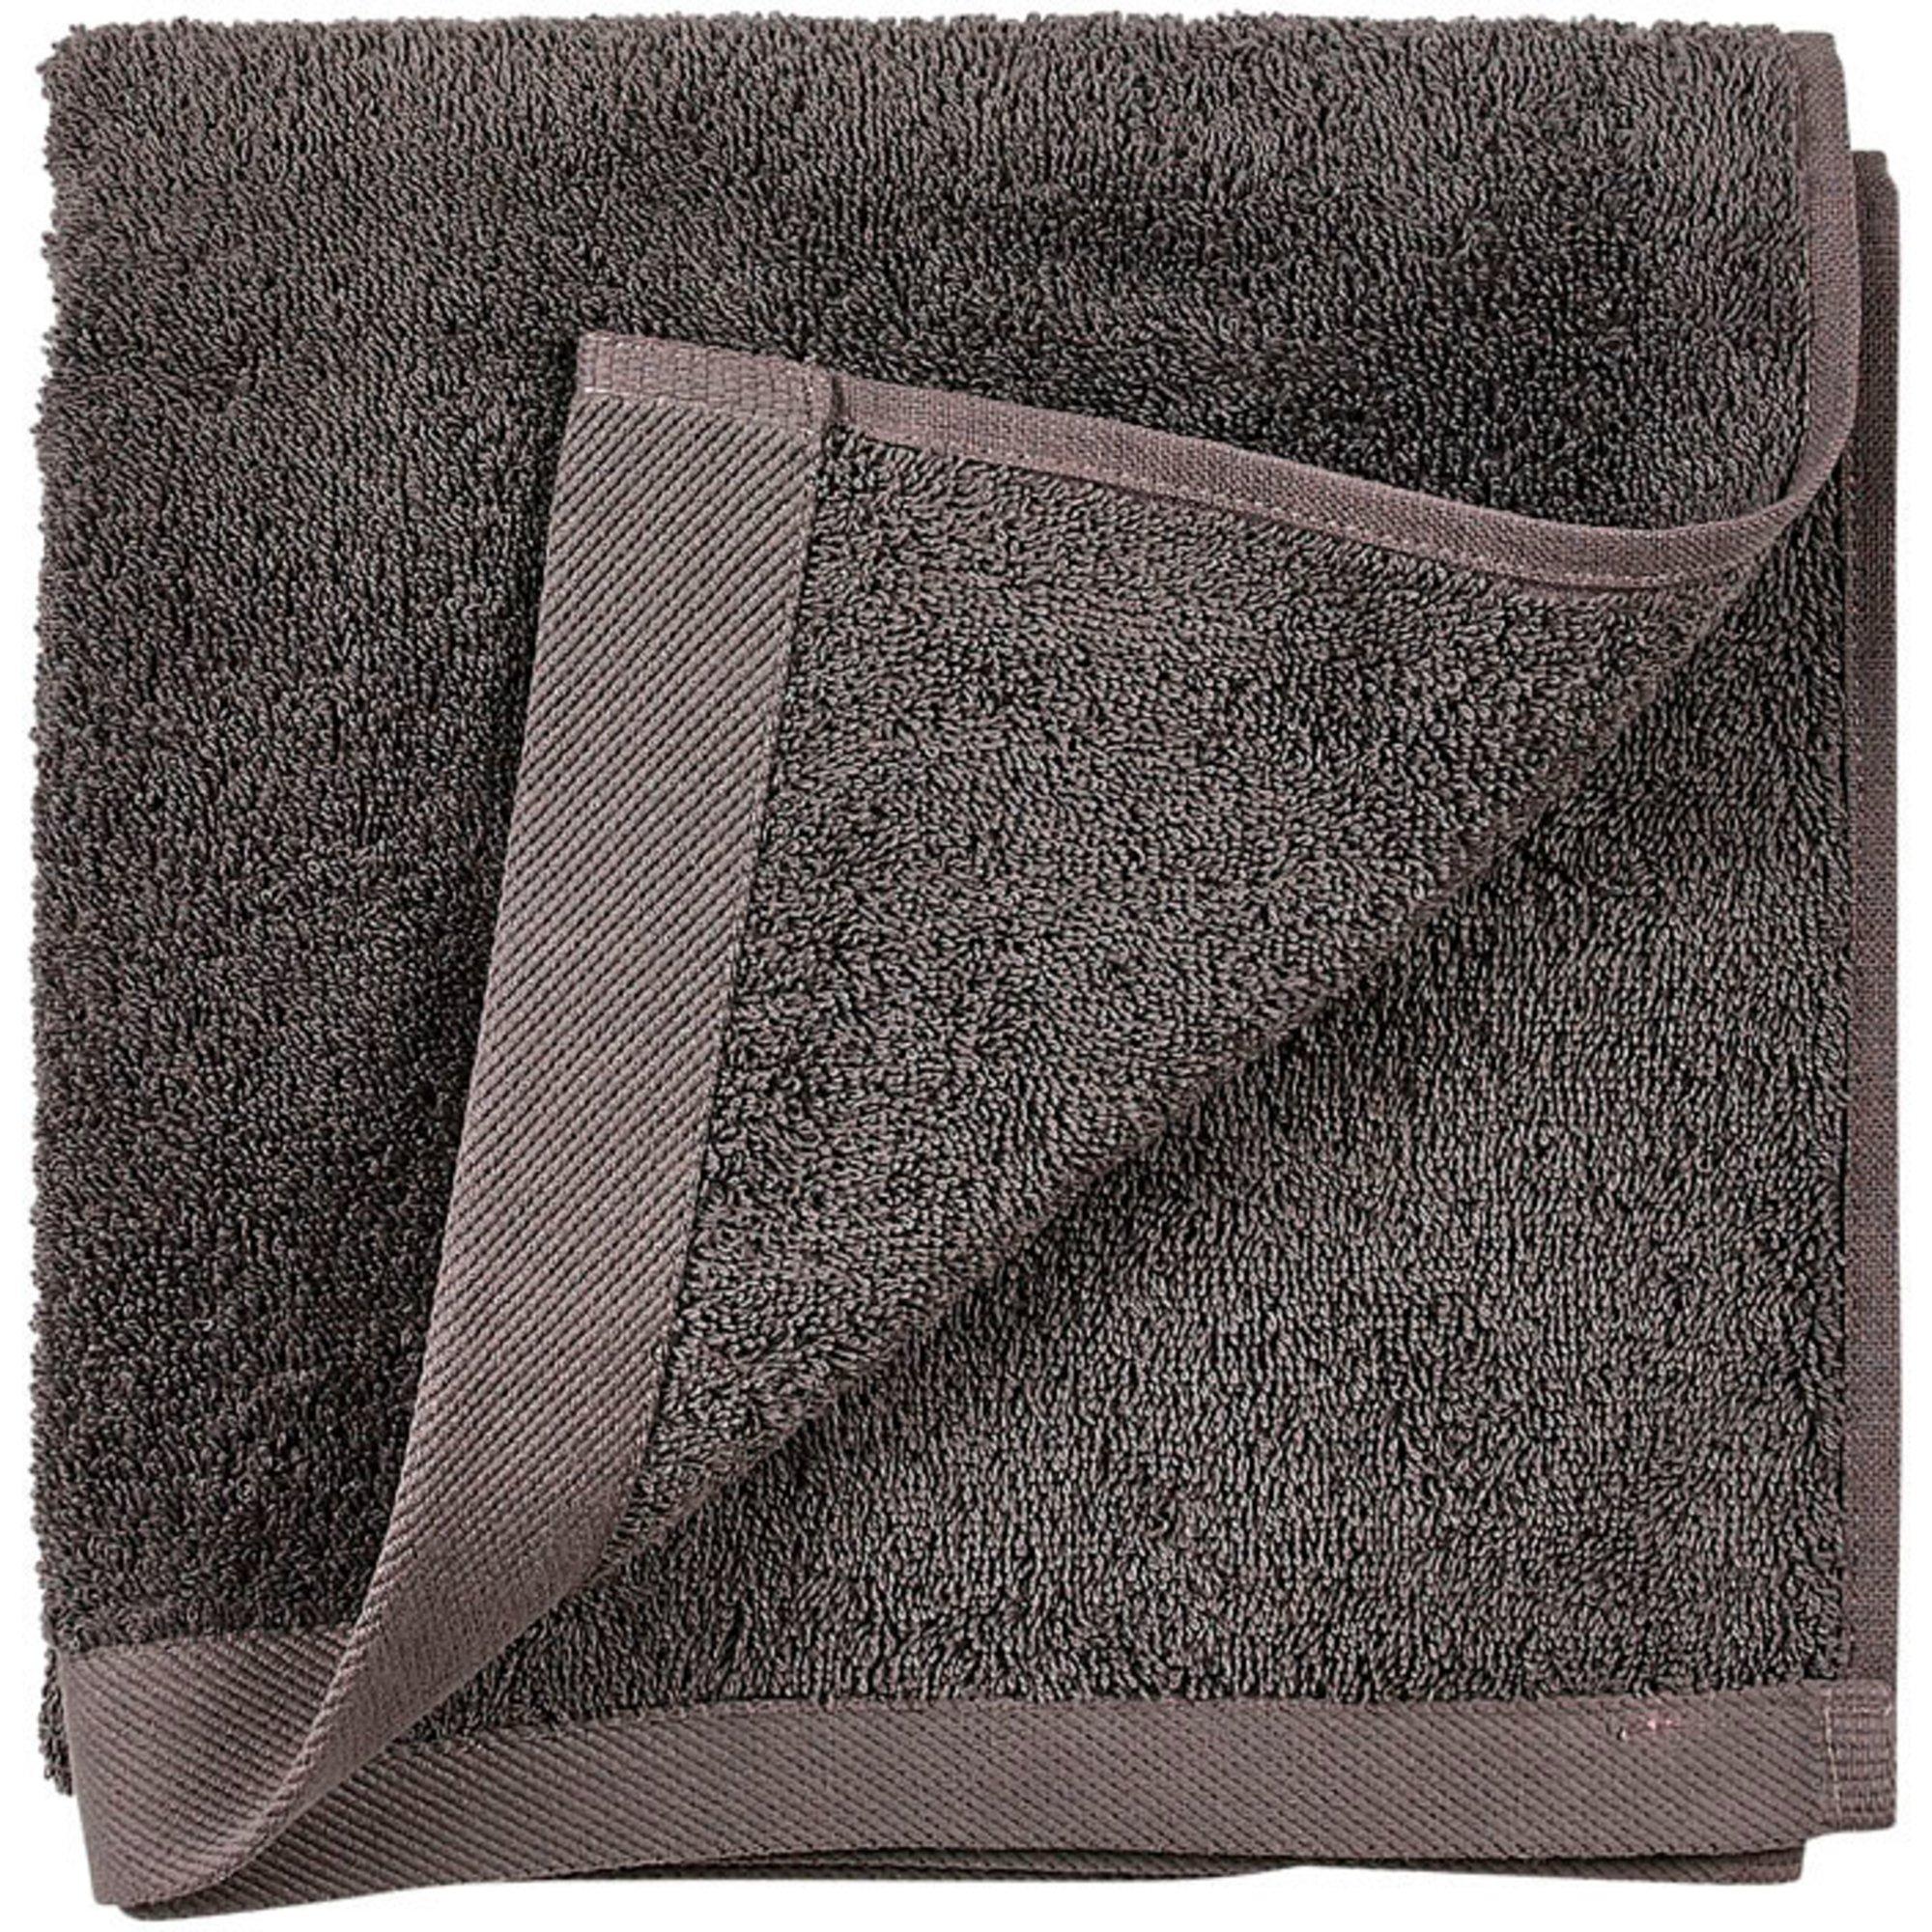 Södahl Comfort Organic Handduk 50x100 cm, grå